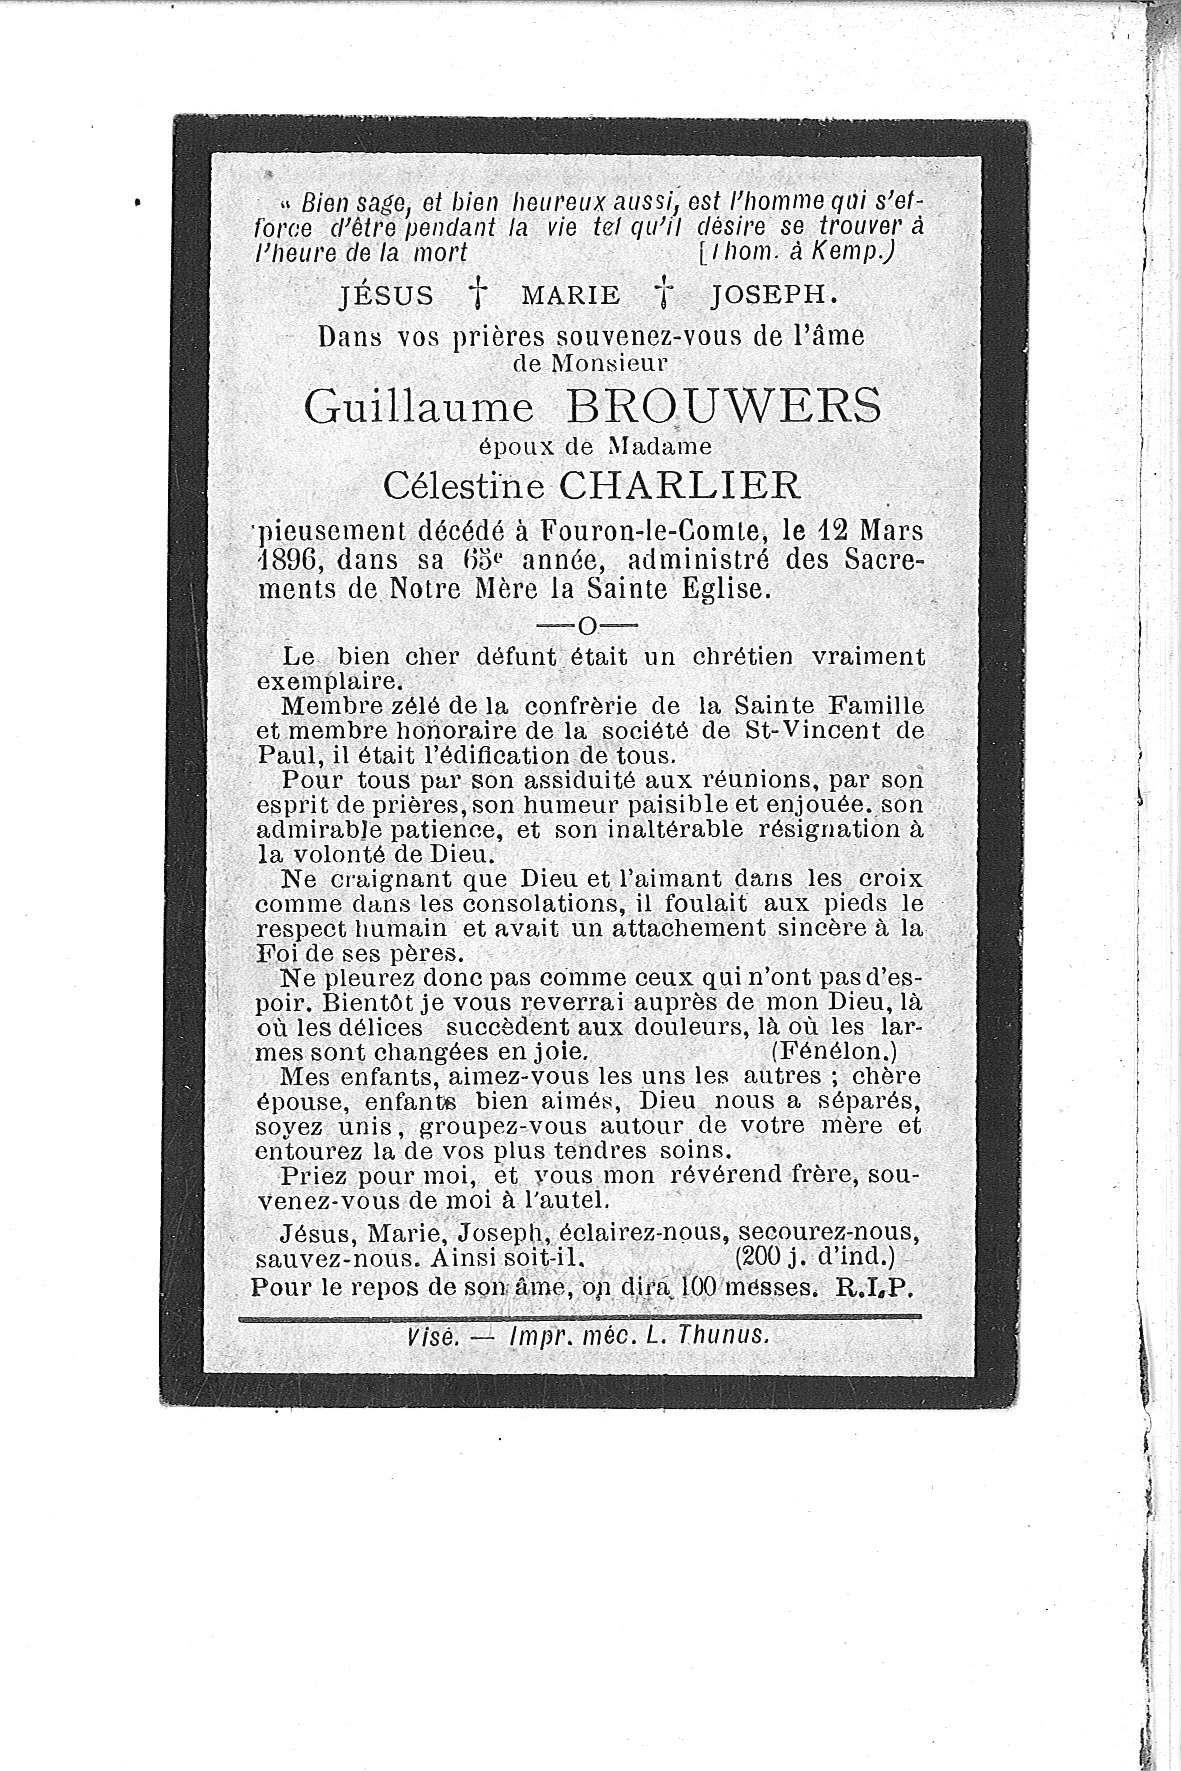 Guillaume (1896) 20110805165022_00060.jpg